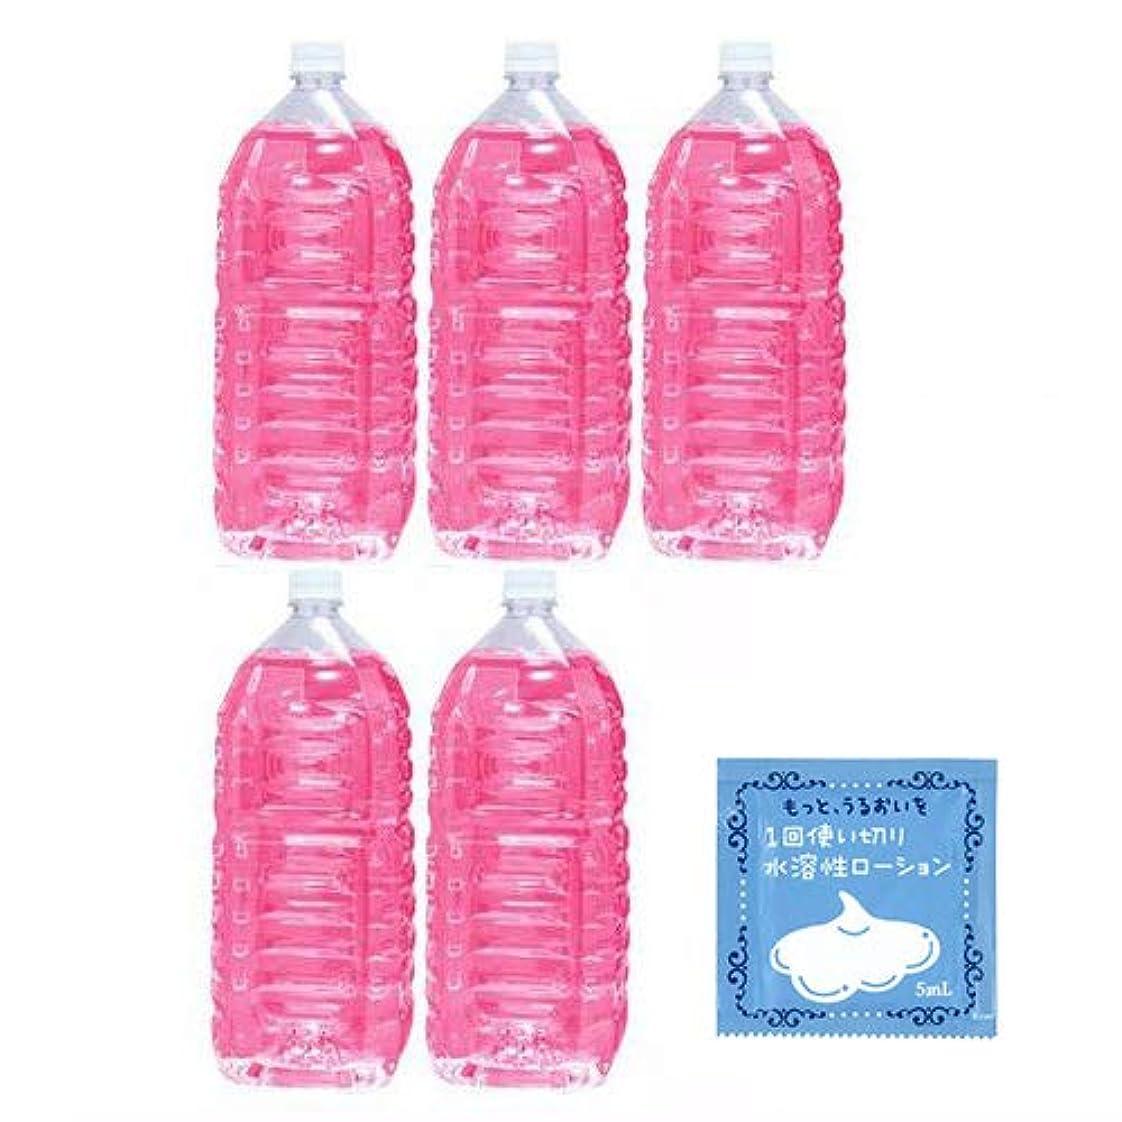 コモランマアスレチック信頼性のあるピンクローション 2Lペットボトル ハードタイプ(5倍濃縮原液)業務用ローション ×5本セット + 1回使い切り水溶性潤滑ローション